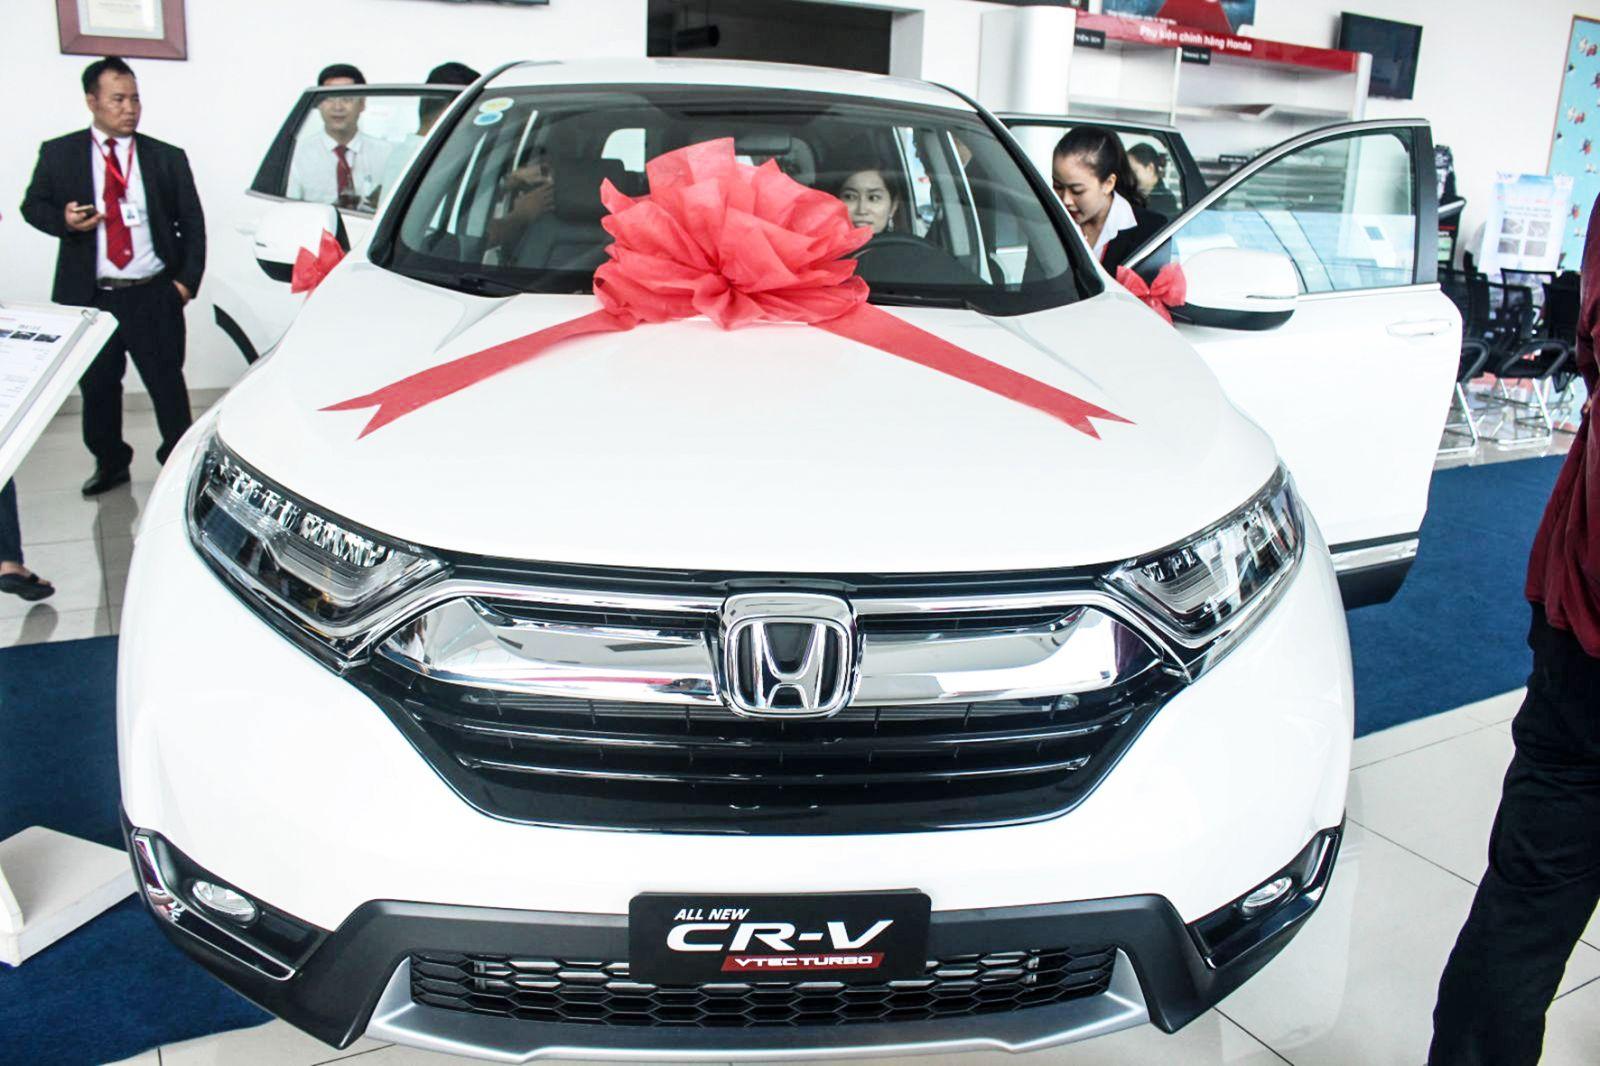 Mẫu xe CR-V 2018 được trưng bày, giới thiệu tại Đại lý Honda Ô tô Cần Thơ. Ảnh: MINH HUYỀN